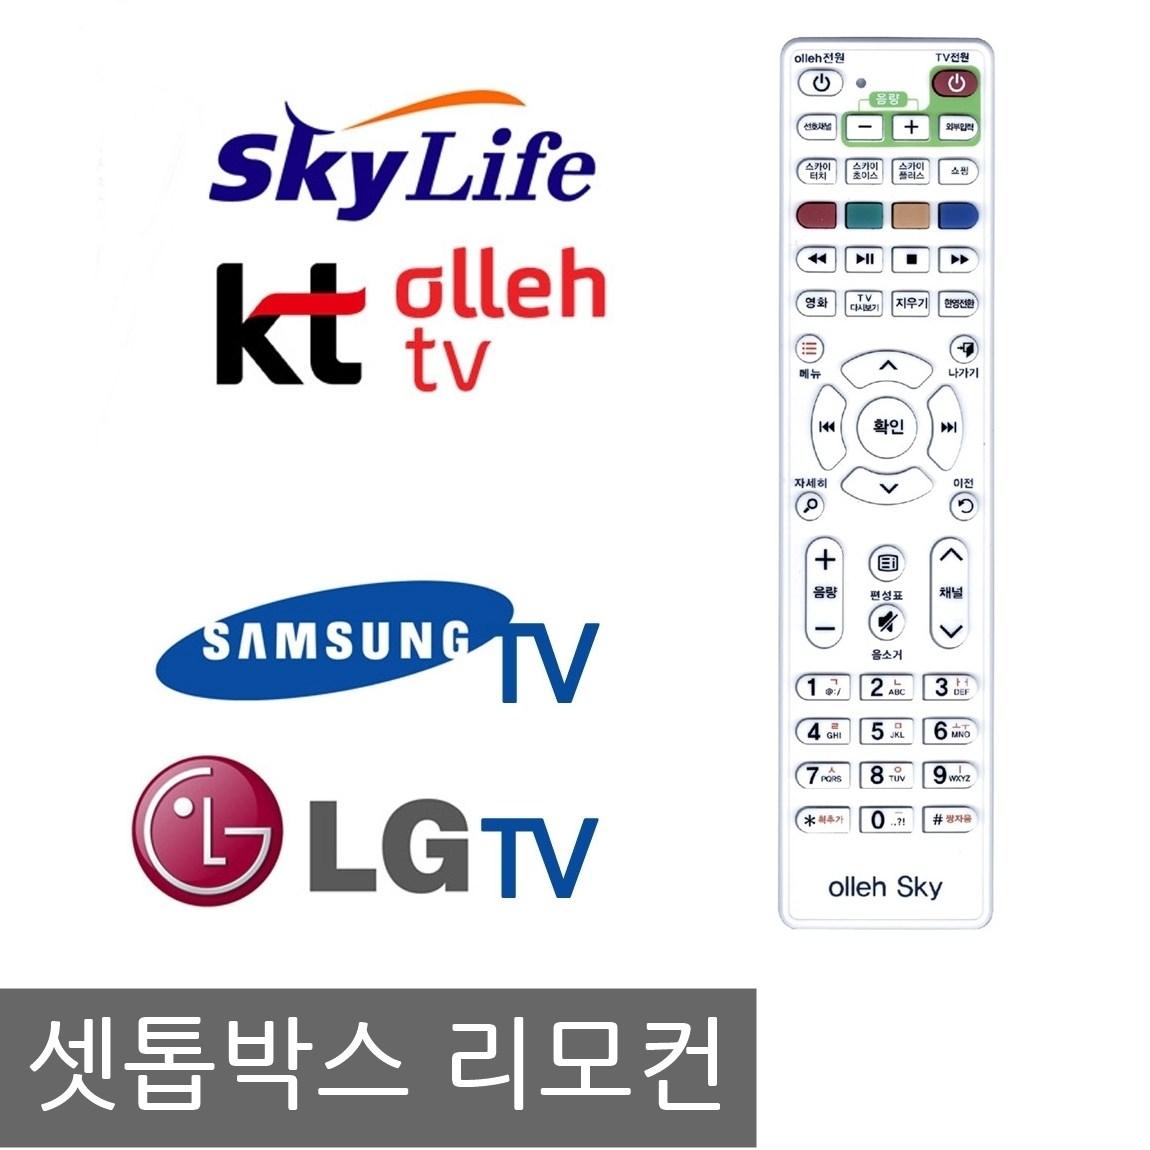 에스몰유통 KT 올레 스카이라이프 셋톱박스 리모컨 엘지 삼성 TV, 본상품1개